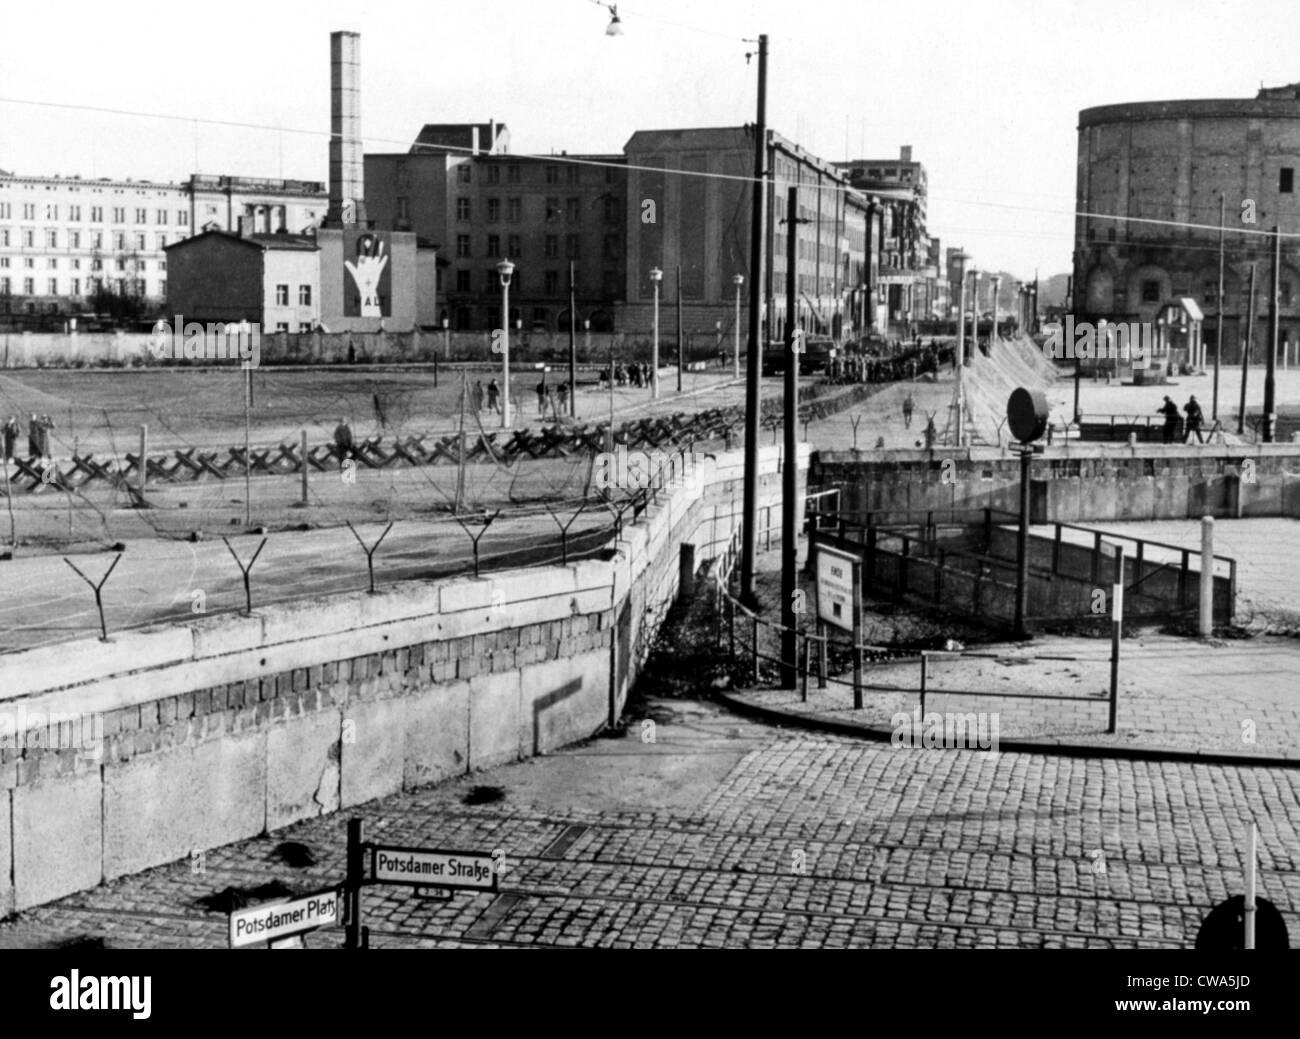 Alambre de espino entre Berlín Oriental y Occidental, sin fecha. Cortesía: CSU Archives / Everett Collection Imagen De Stock